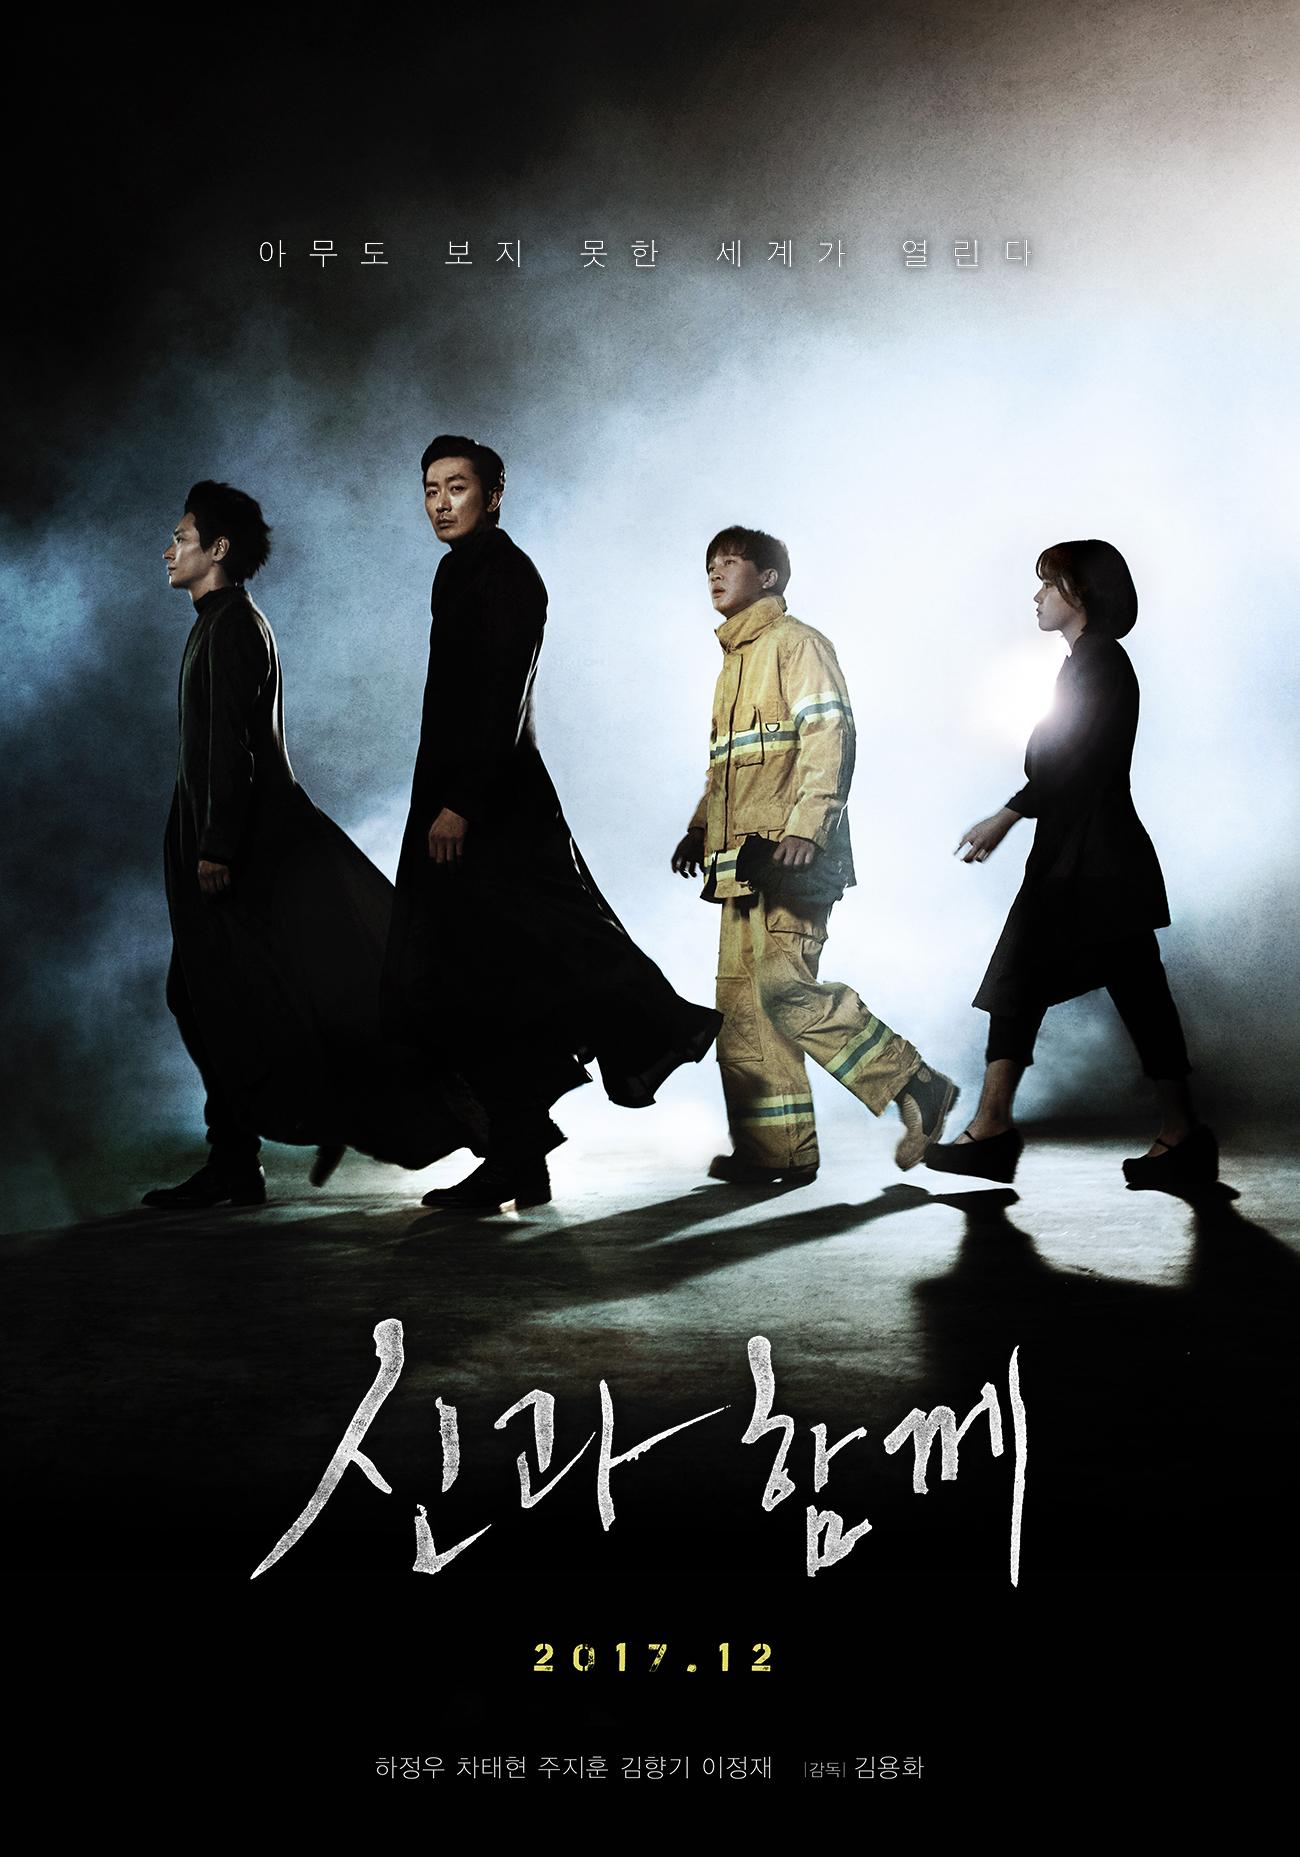 김수안 영화 신과함께 티저 포스터 2017.12 (2)